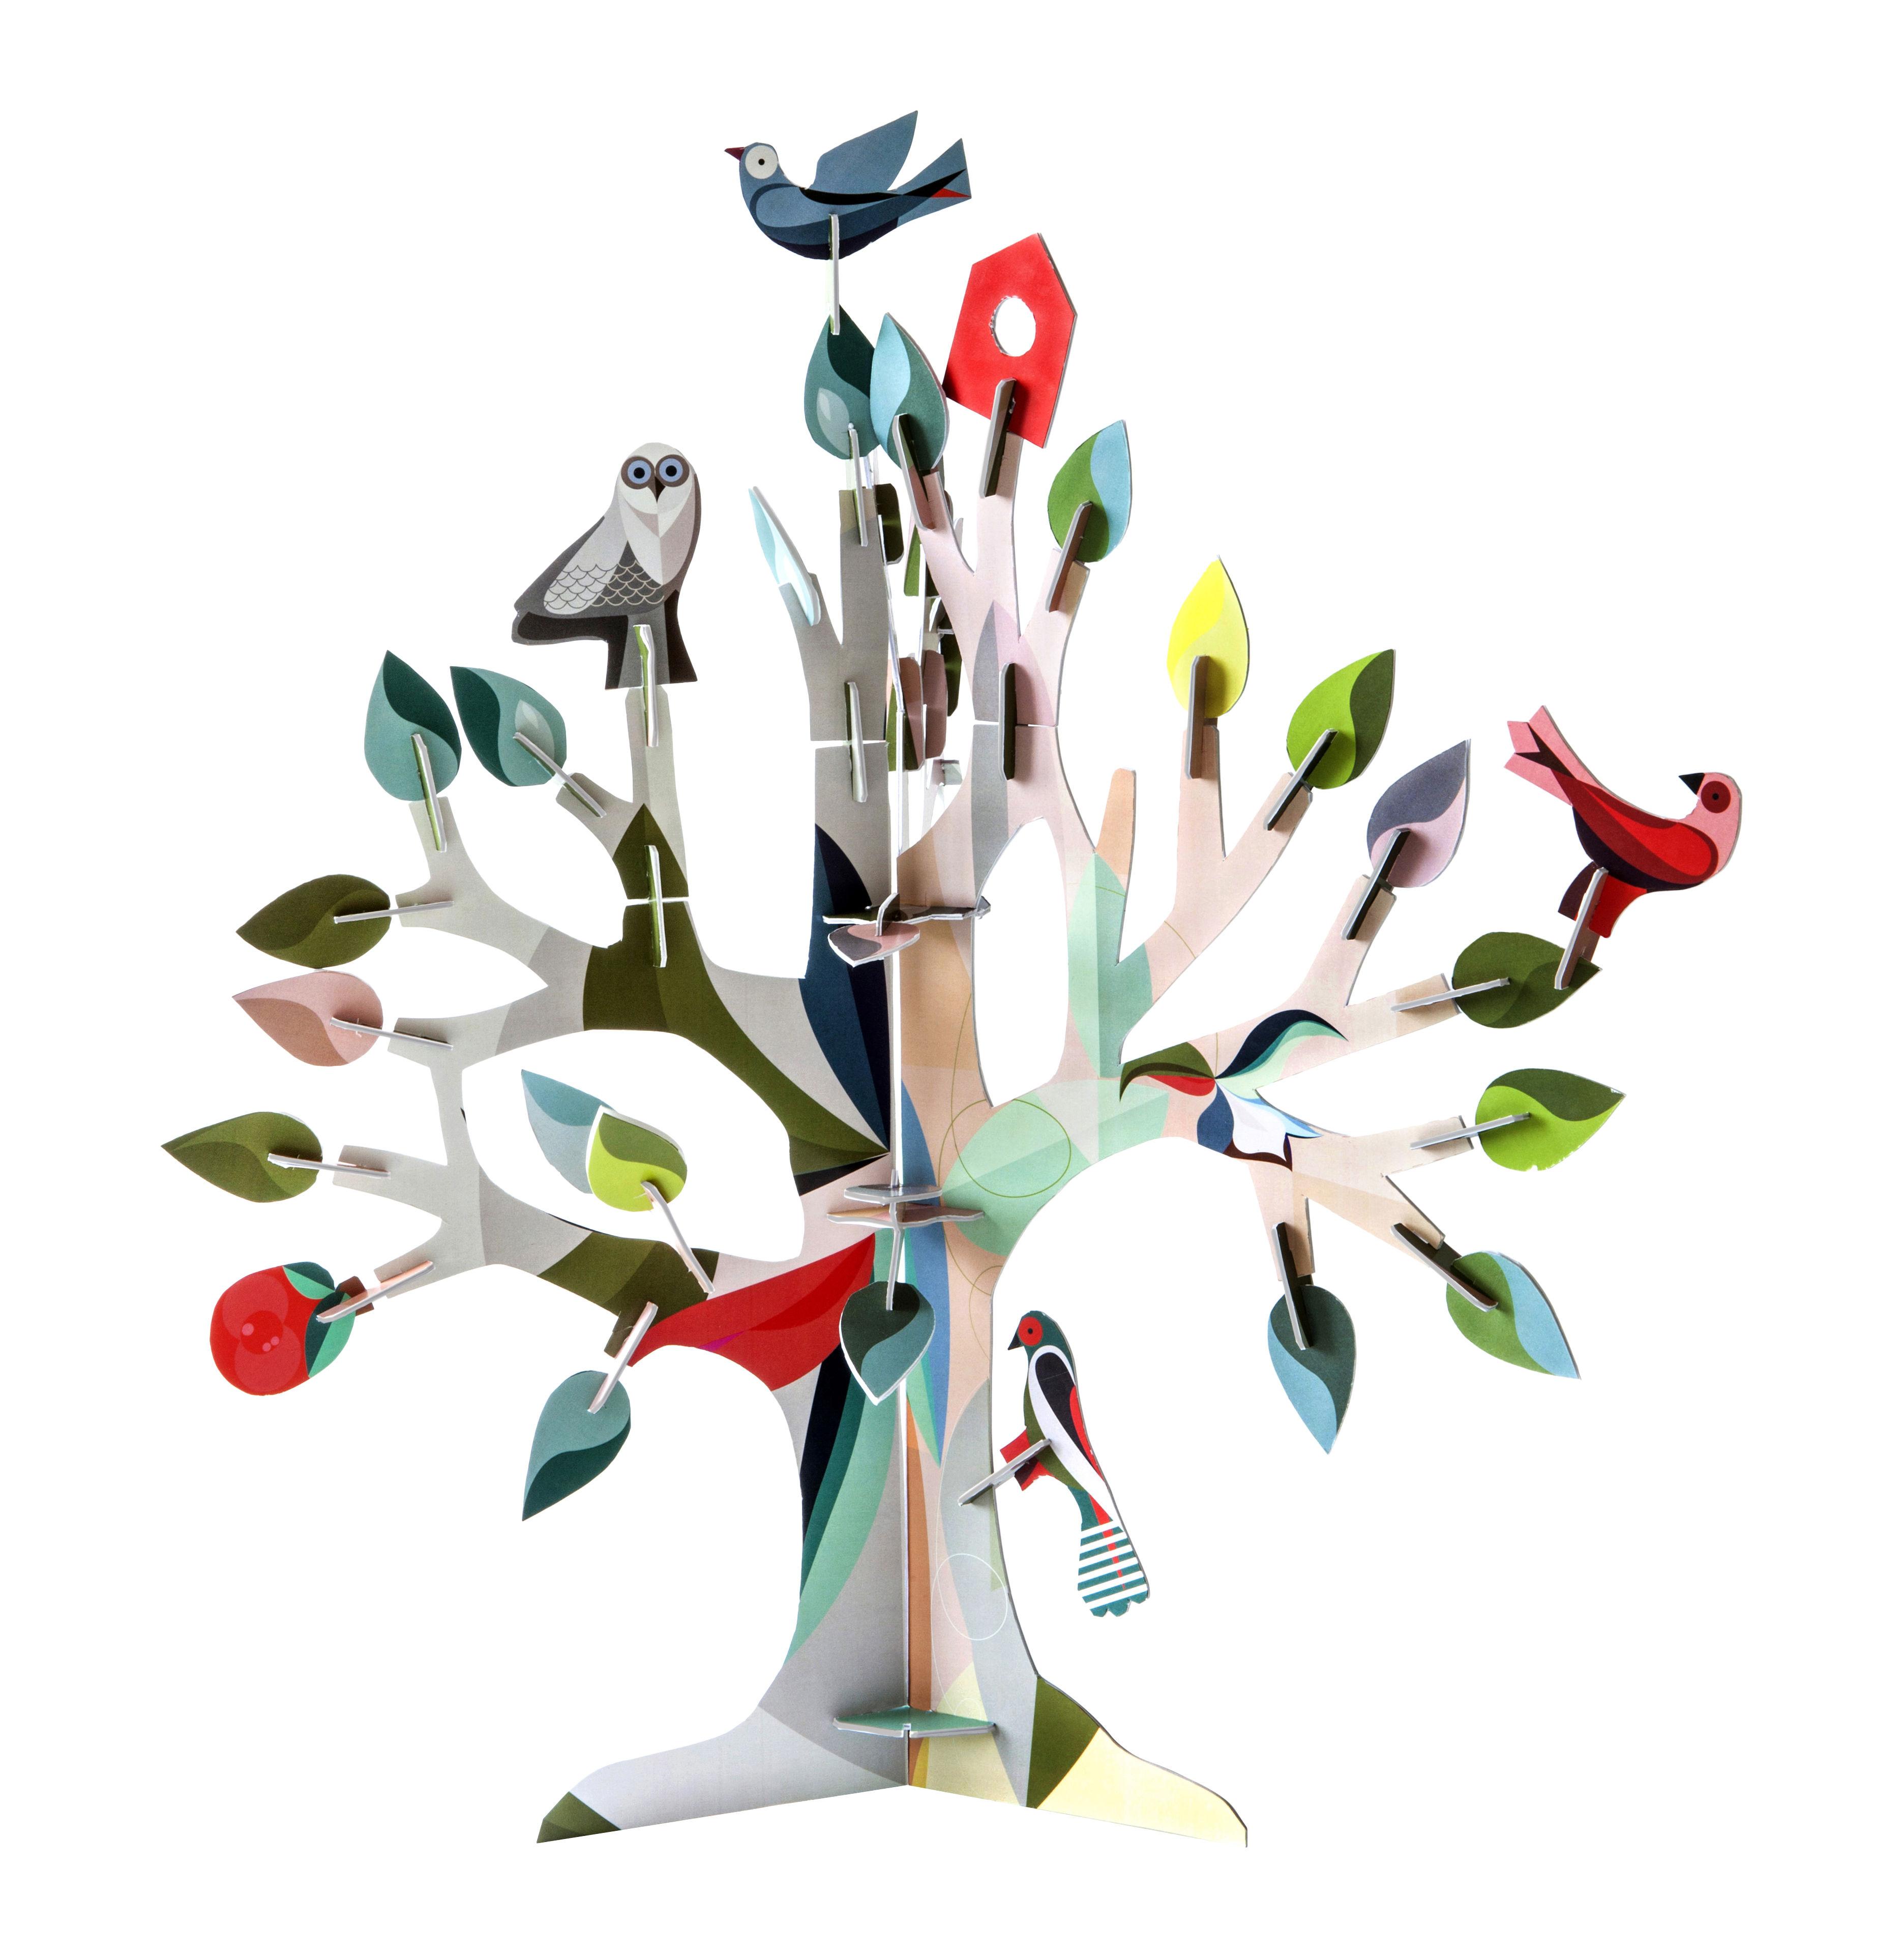 Figurine construire totem arbre r ves carton arbre multicolore studio roof - Construire un arbre a chat ...